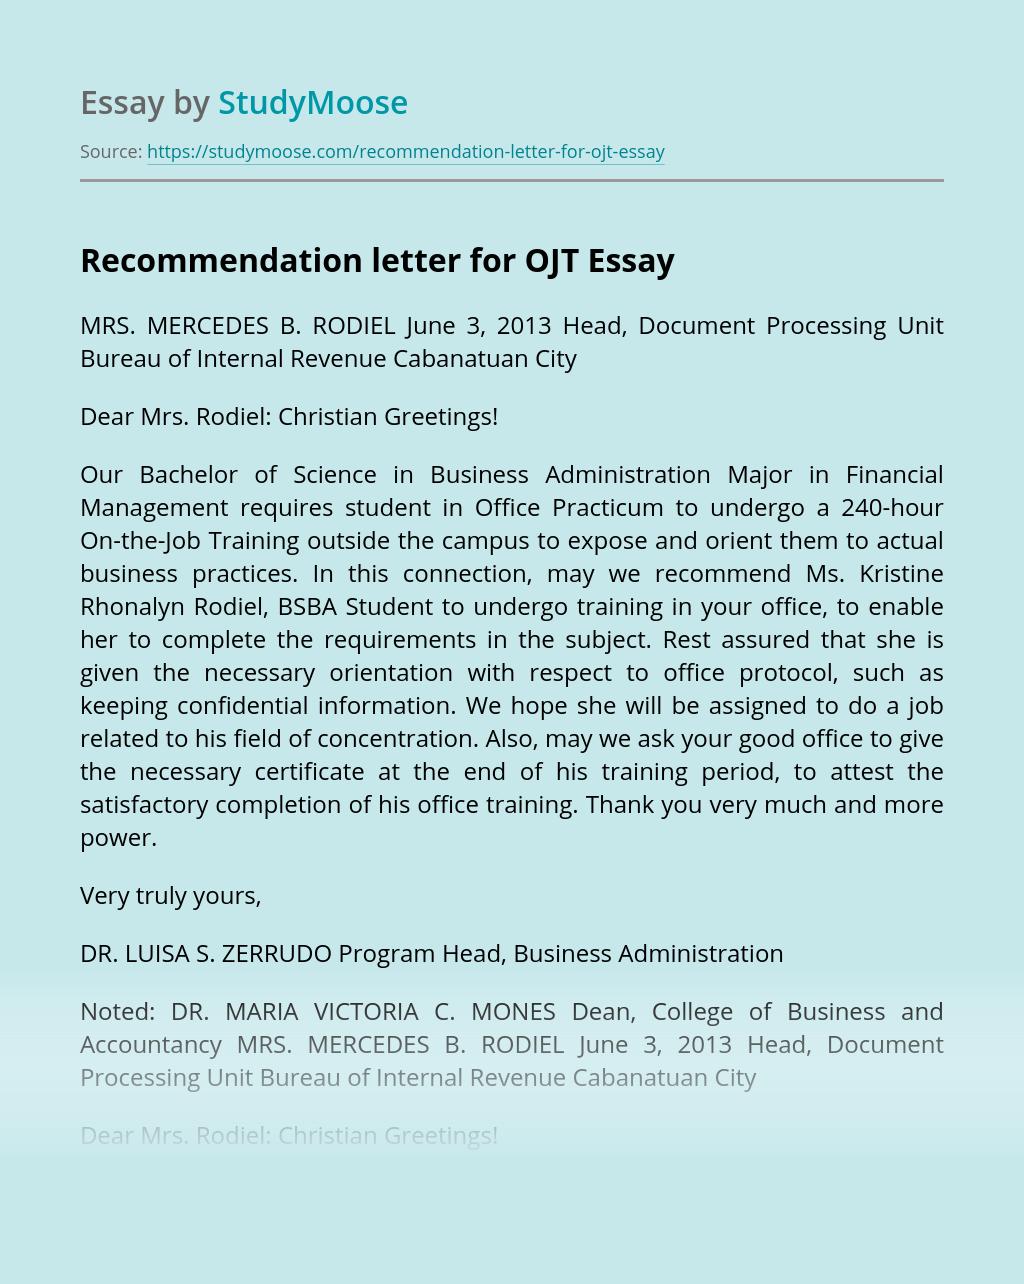 Recommendation letter for OJT